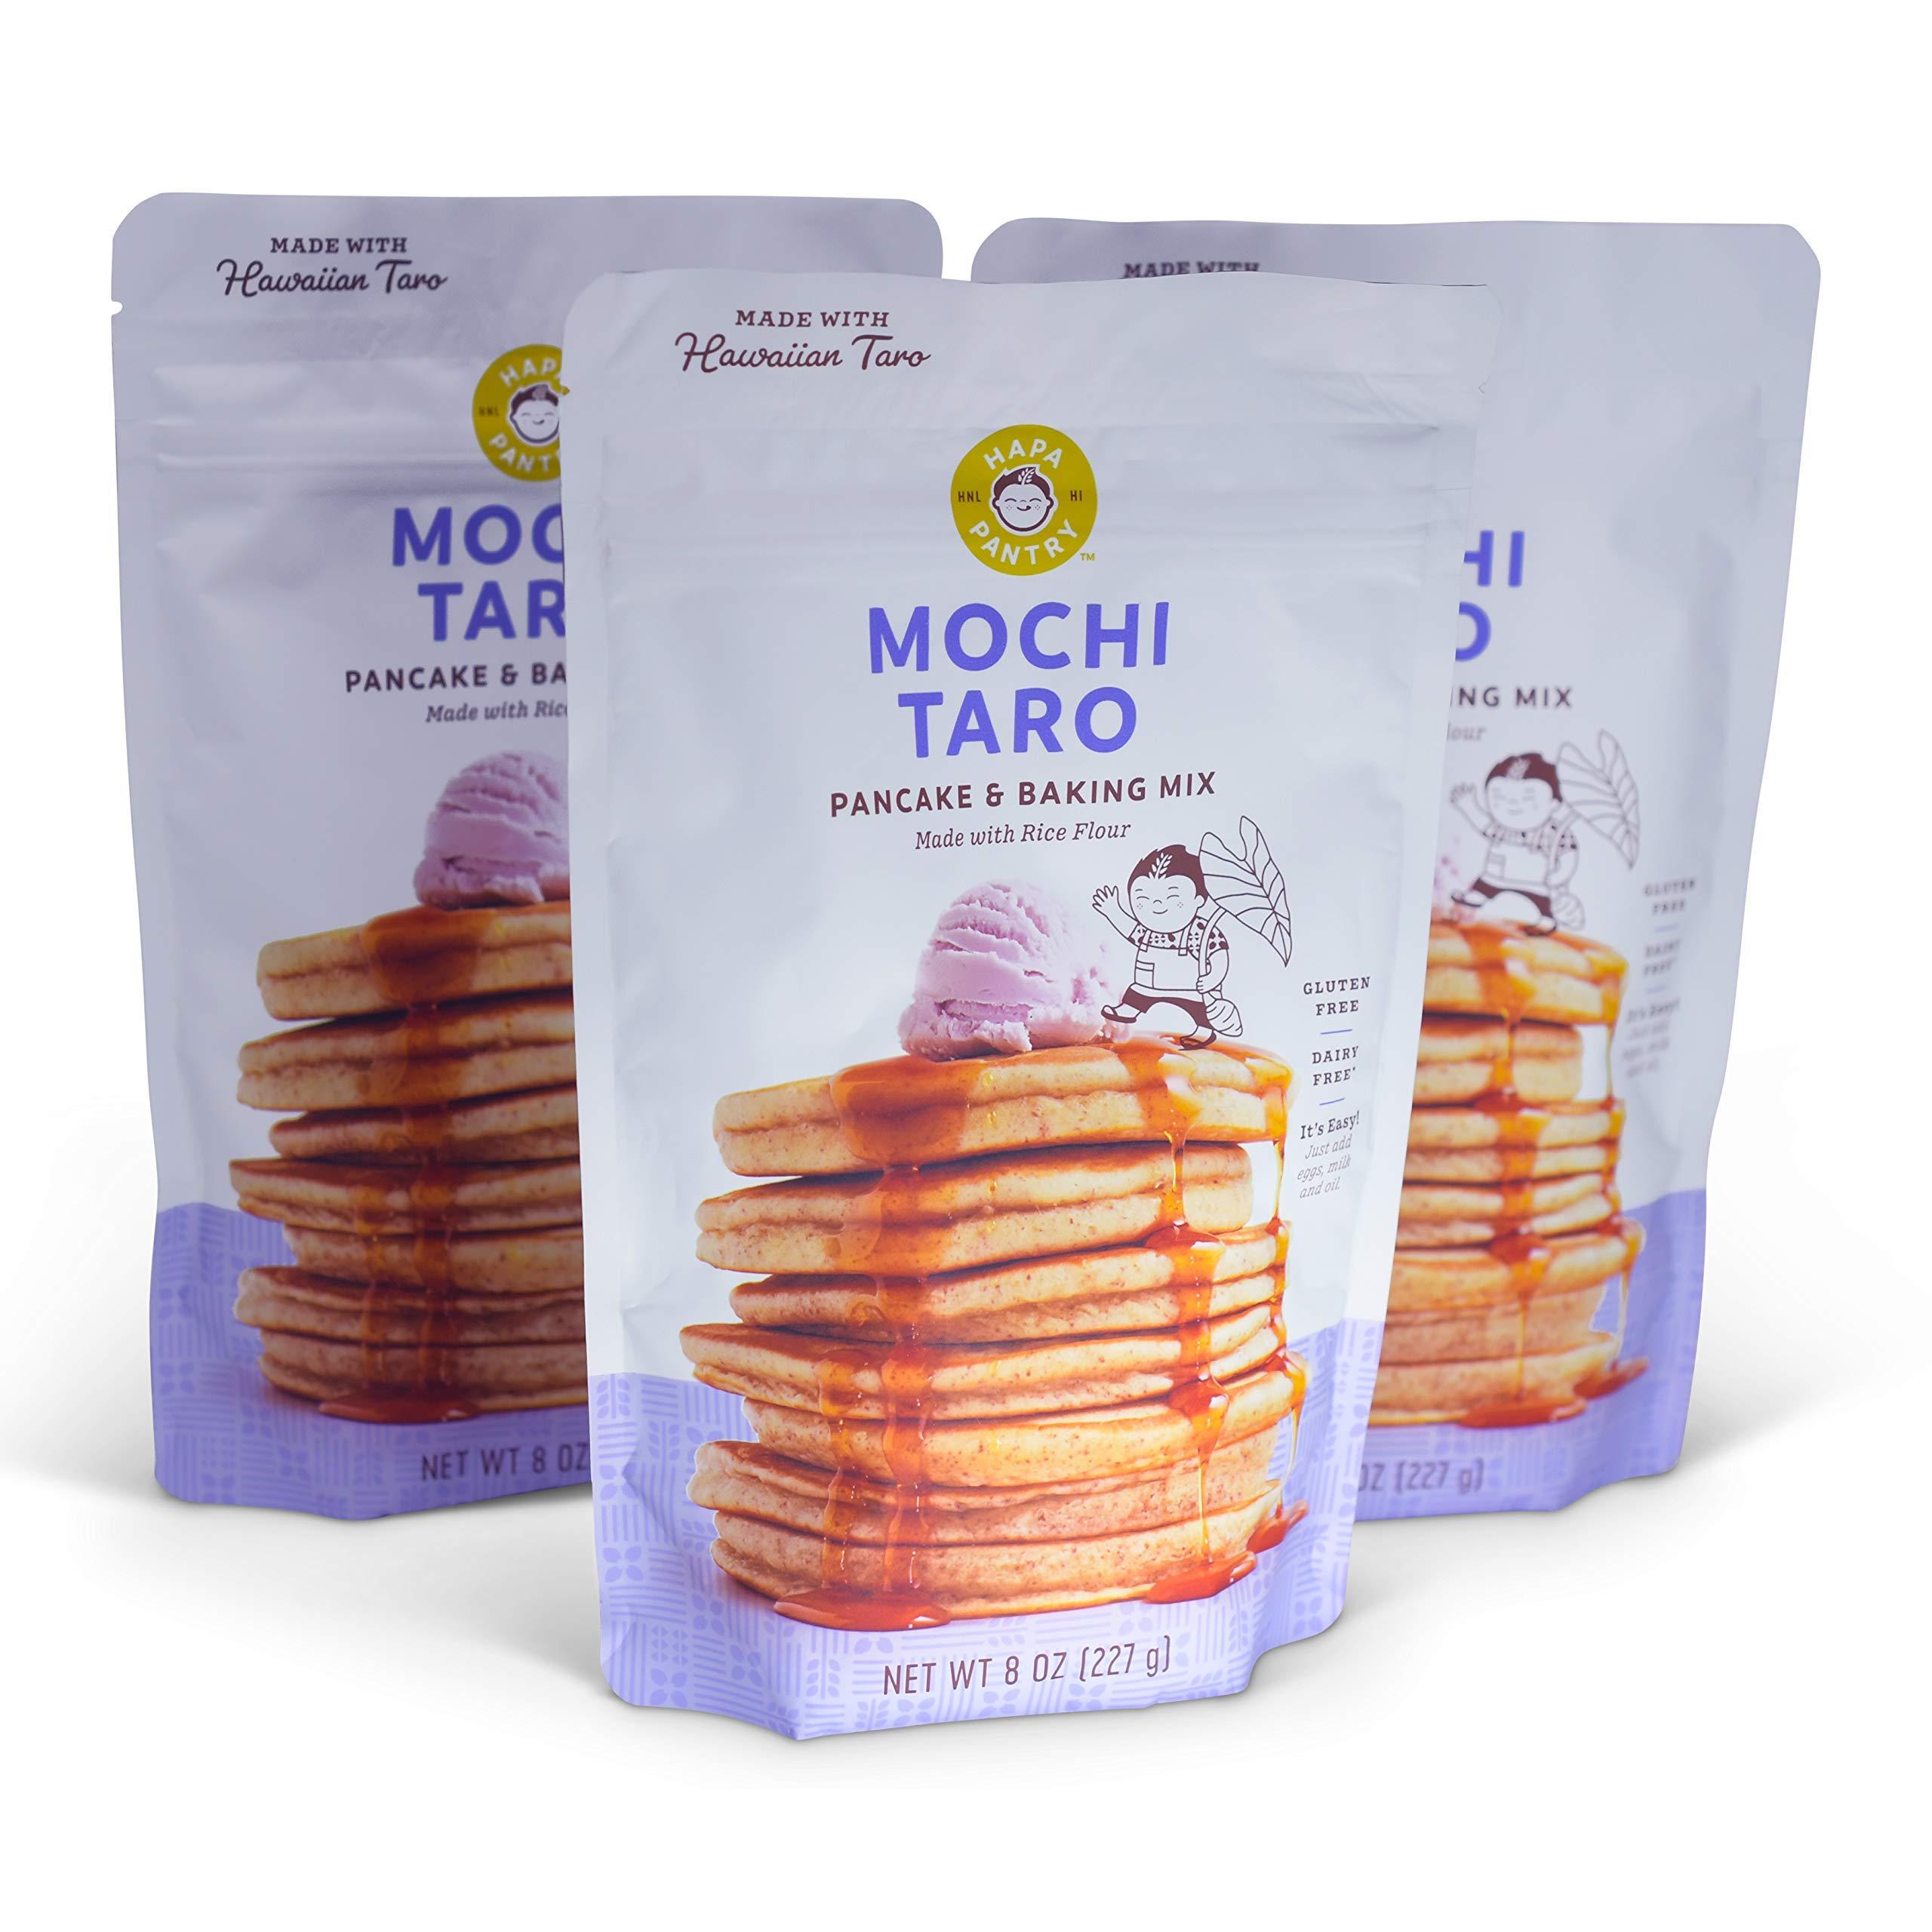 Mochi Taro Pancake Mix (3-Pack)